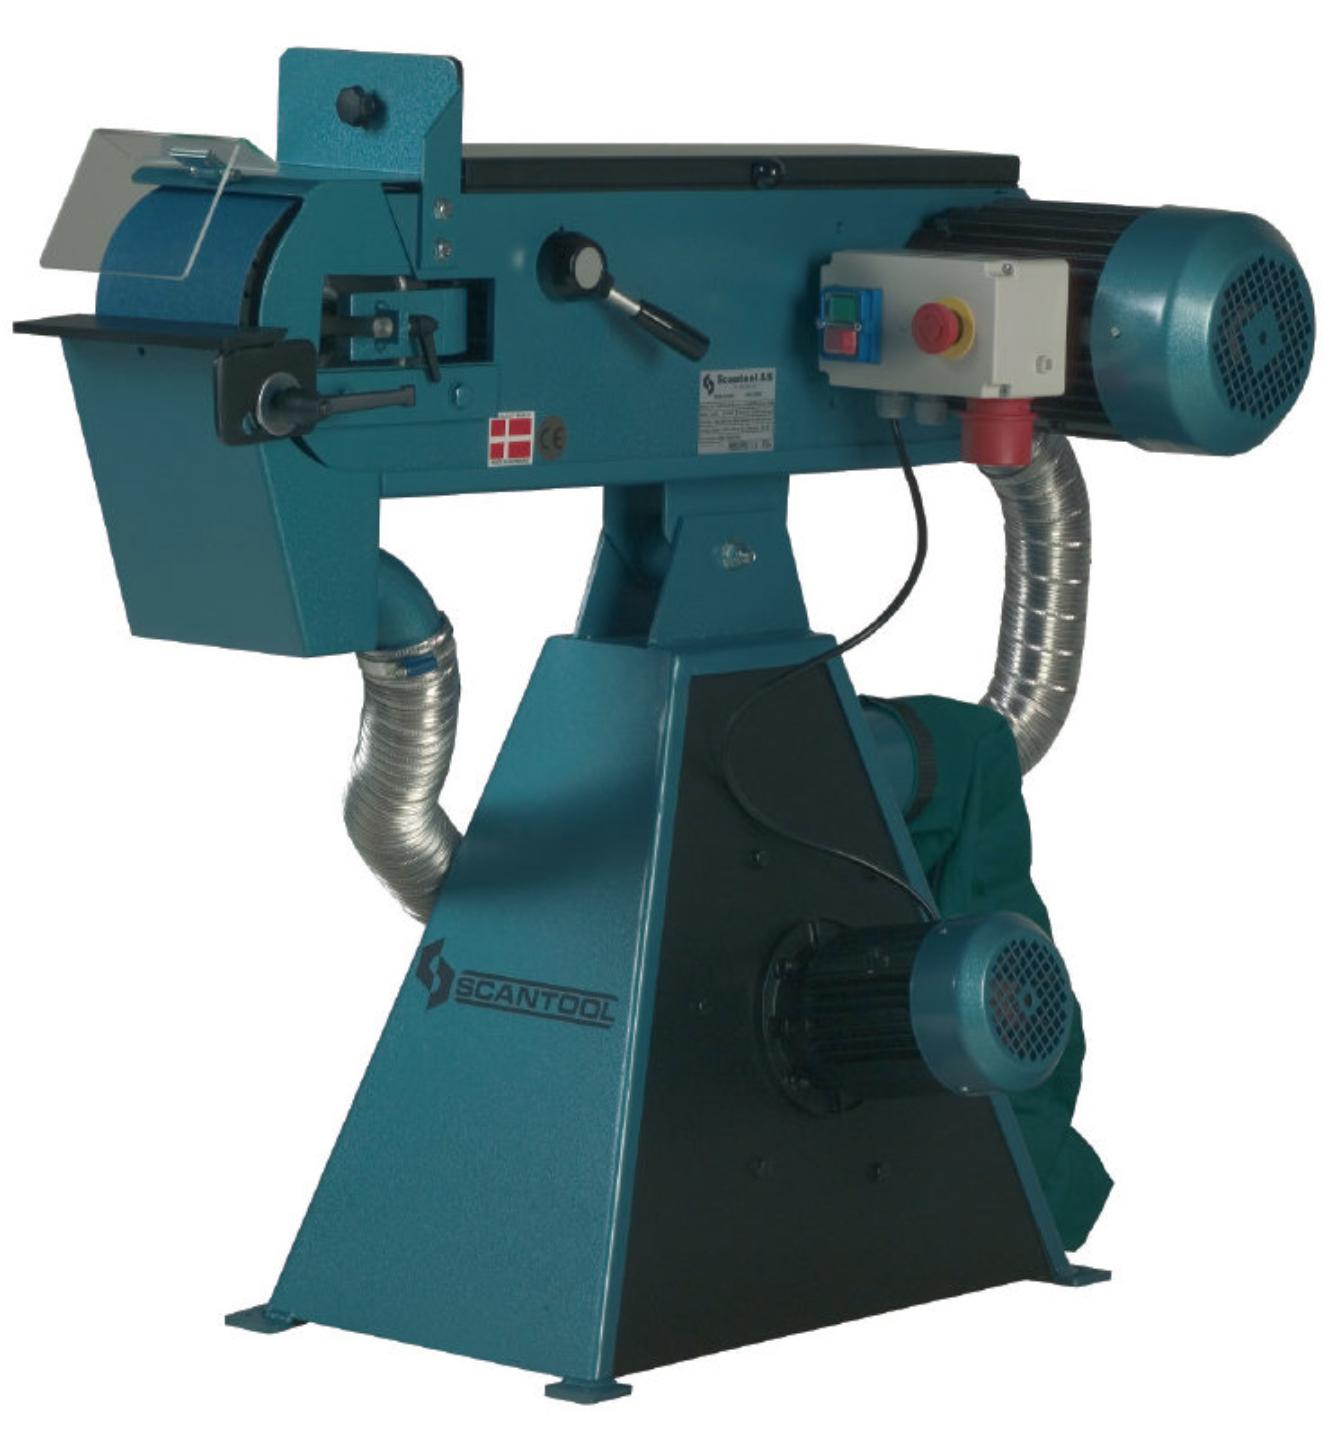 Szlifierka taśmowa Scantool 100x2000mm z wbudowanym odciągiem pyłów - 3,6 kW